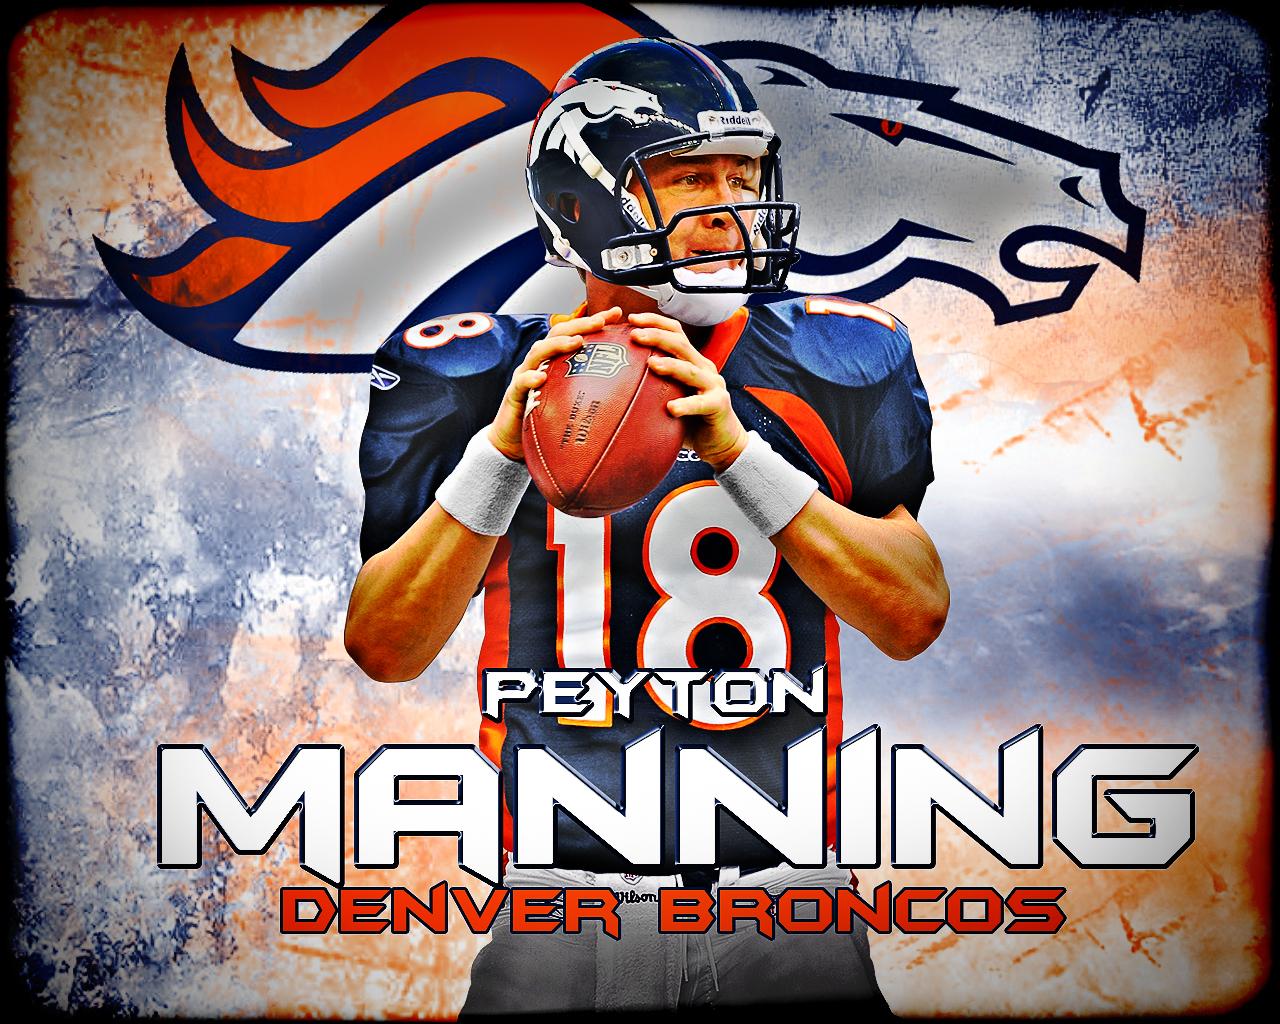 NFL Wallpapers Peyton Manning   Denver Broncos 1280x1024